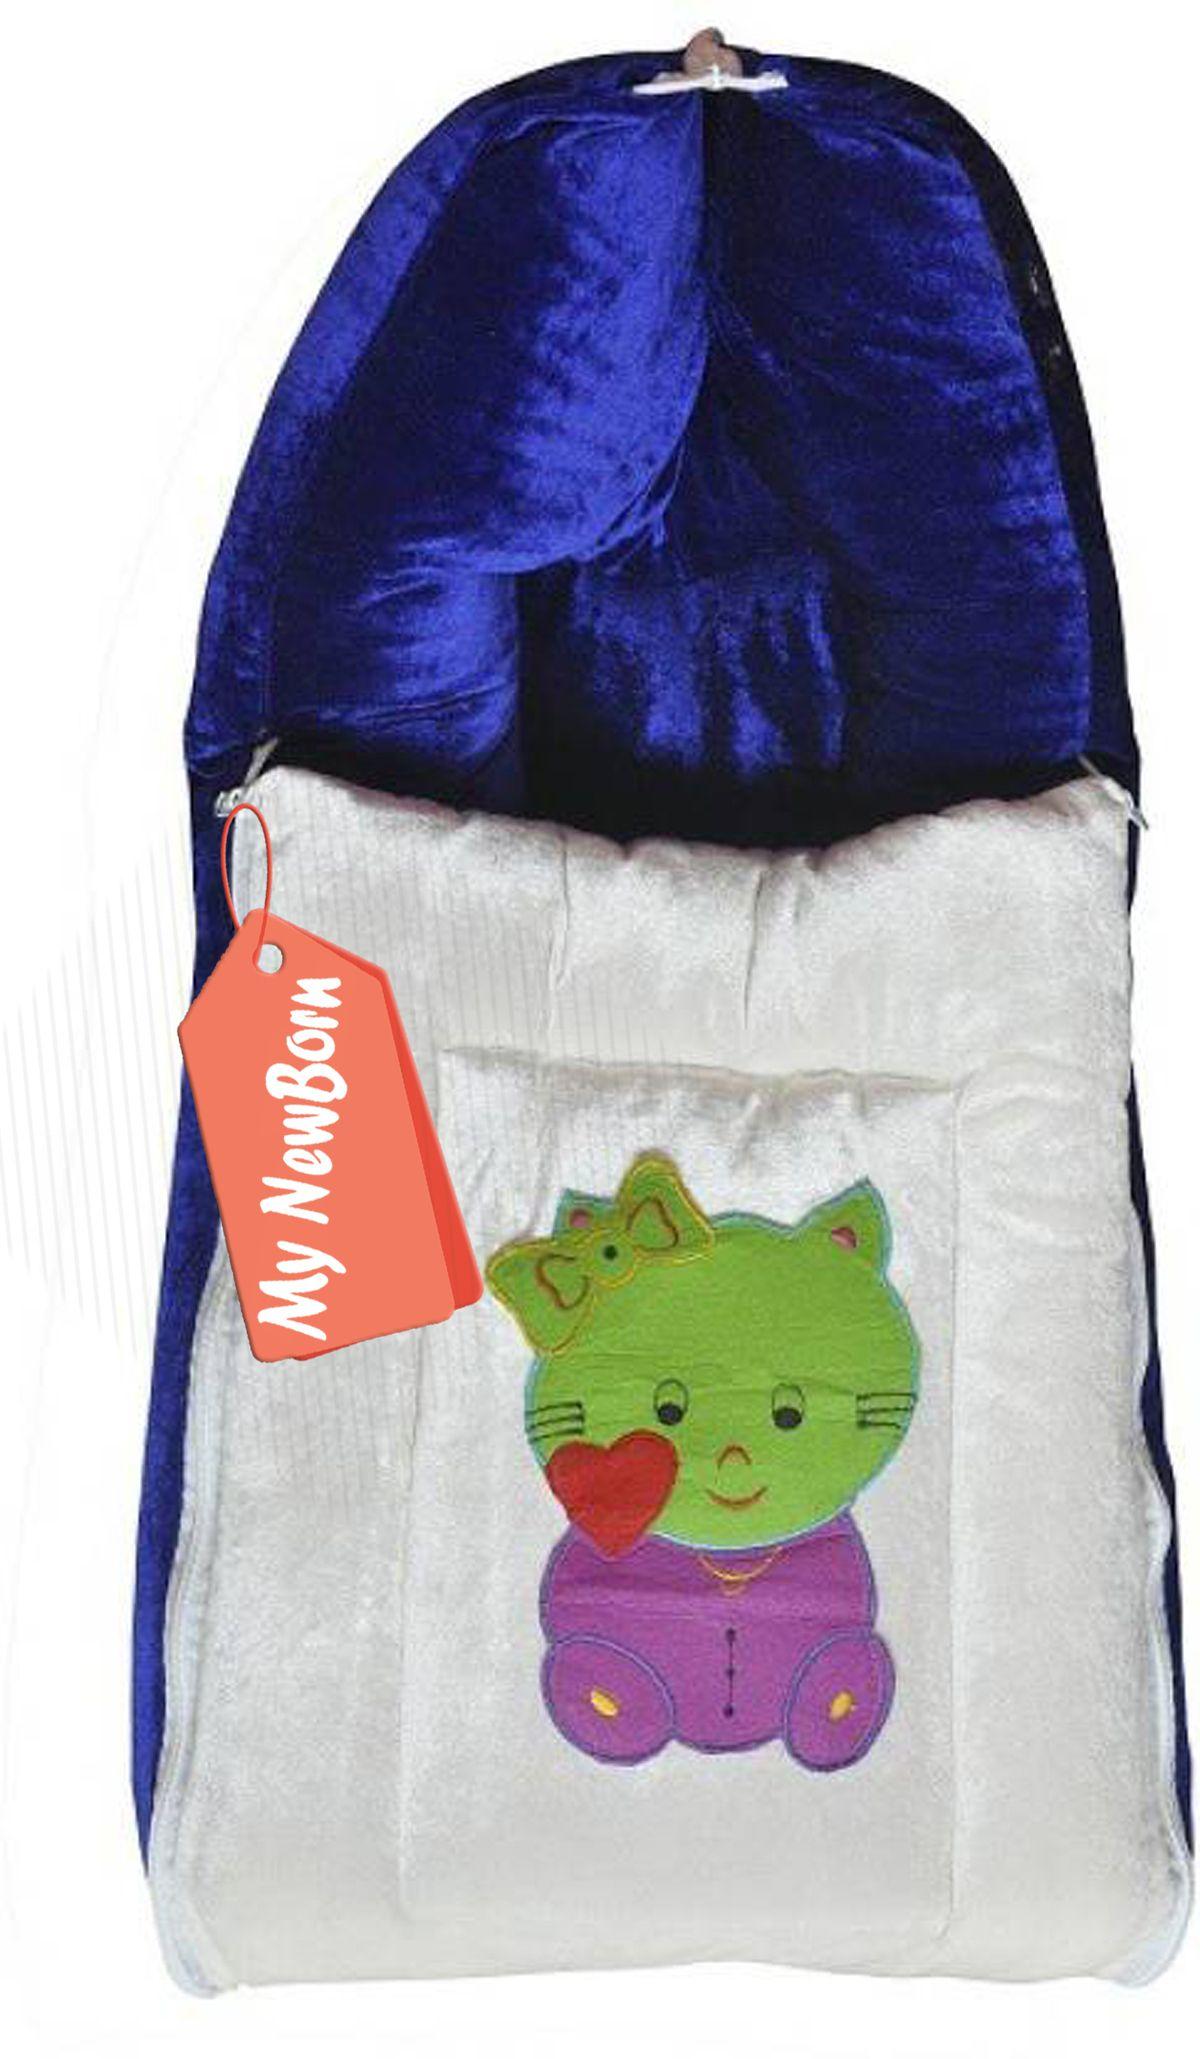 My NewBorn Blue Flannel Sleeping Bags ( 70 cm × 34 cm)